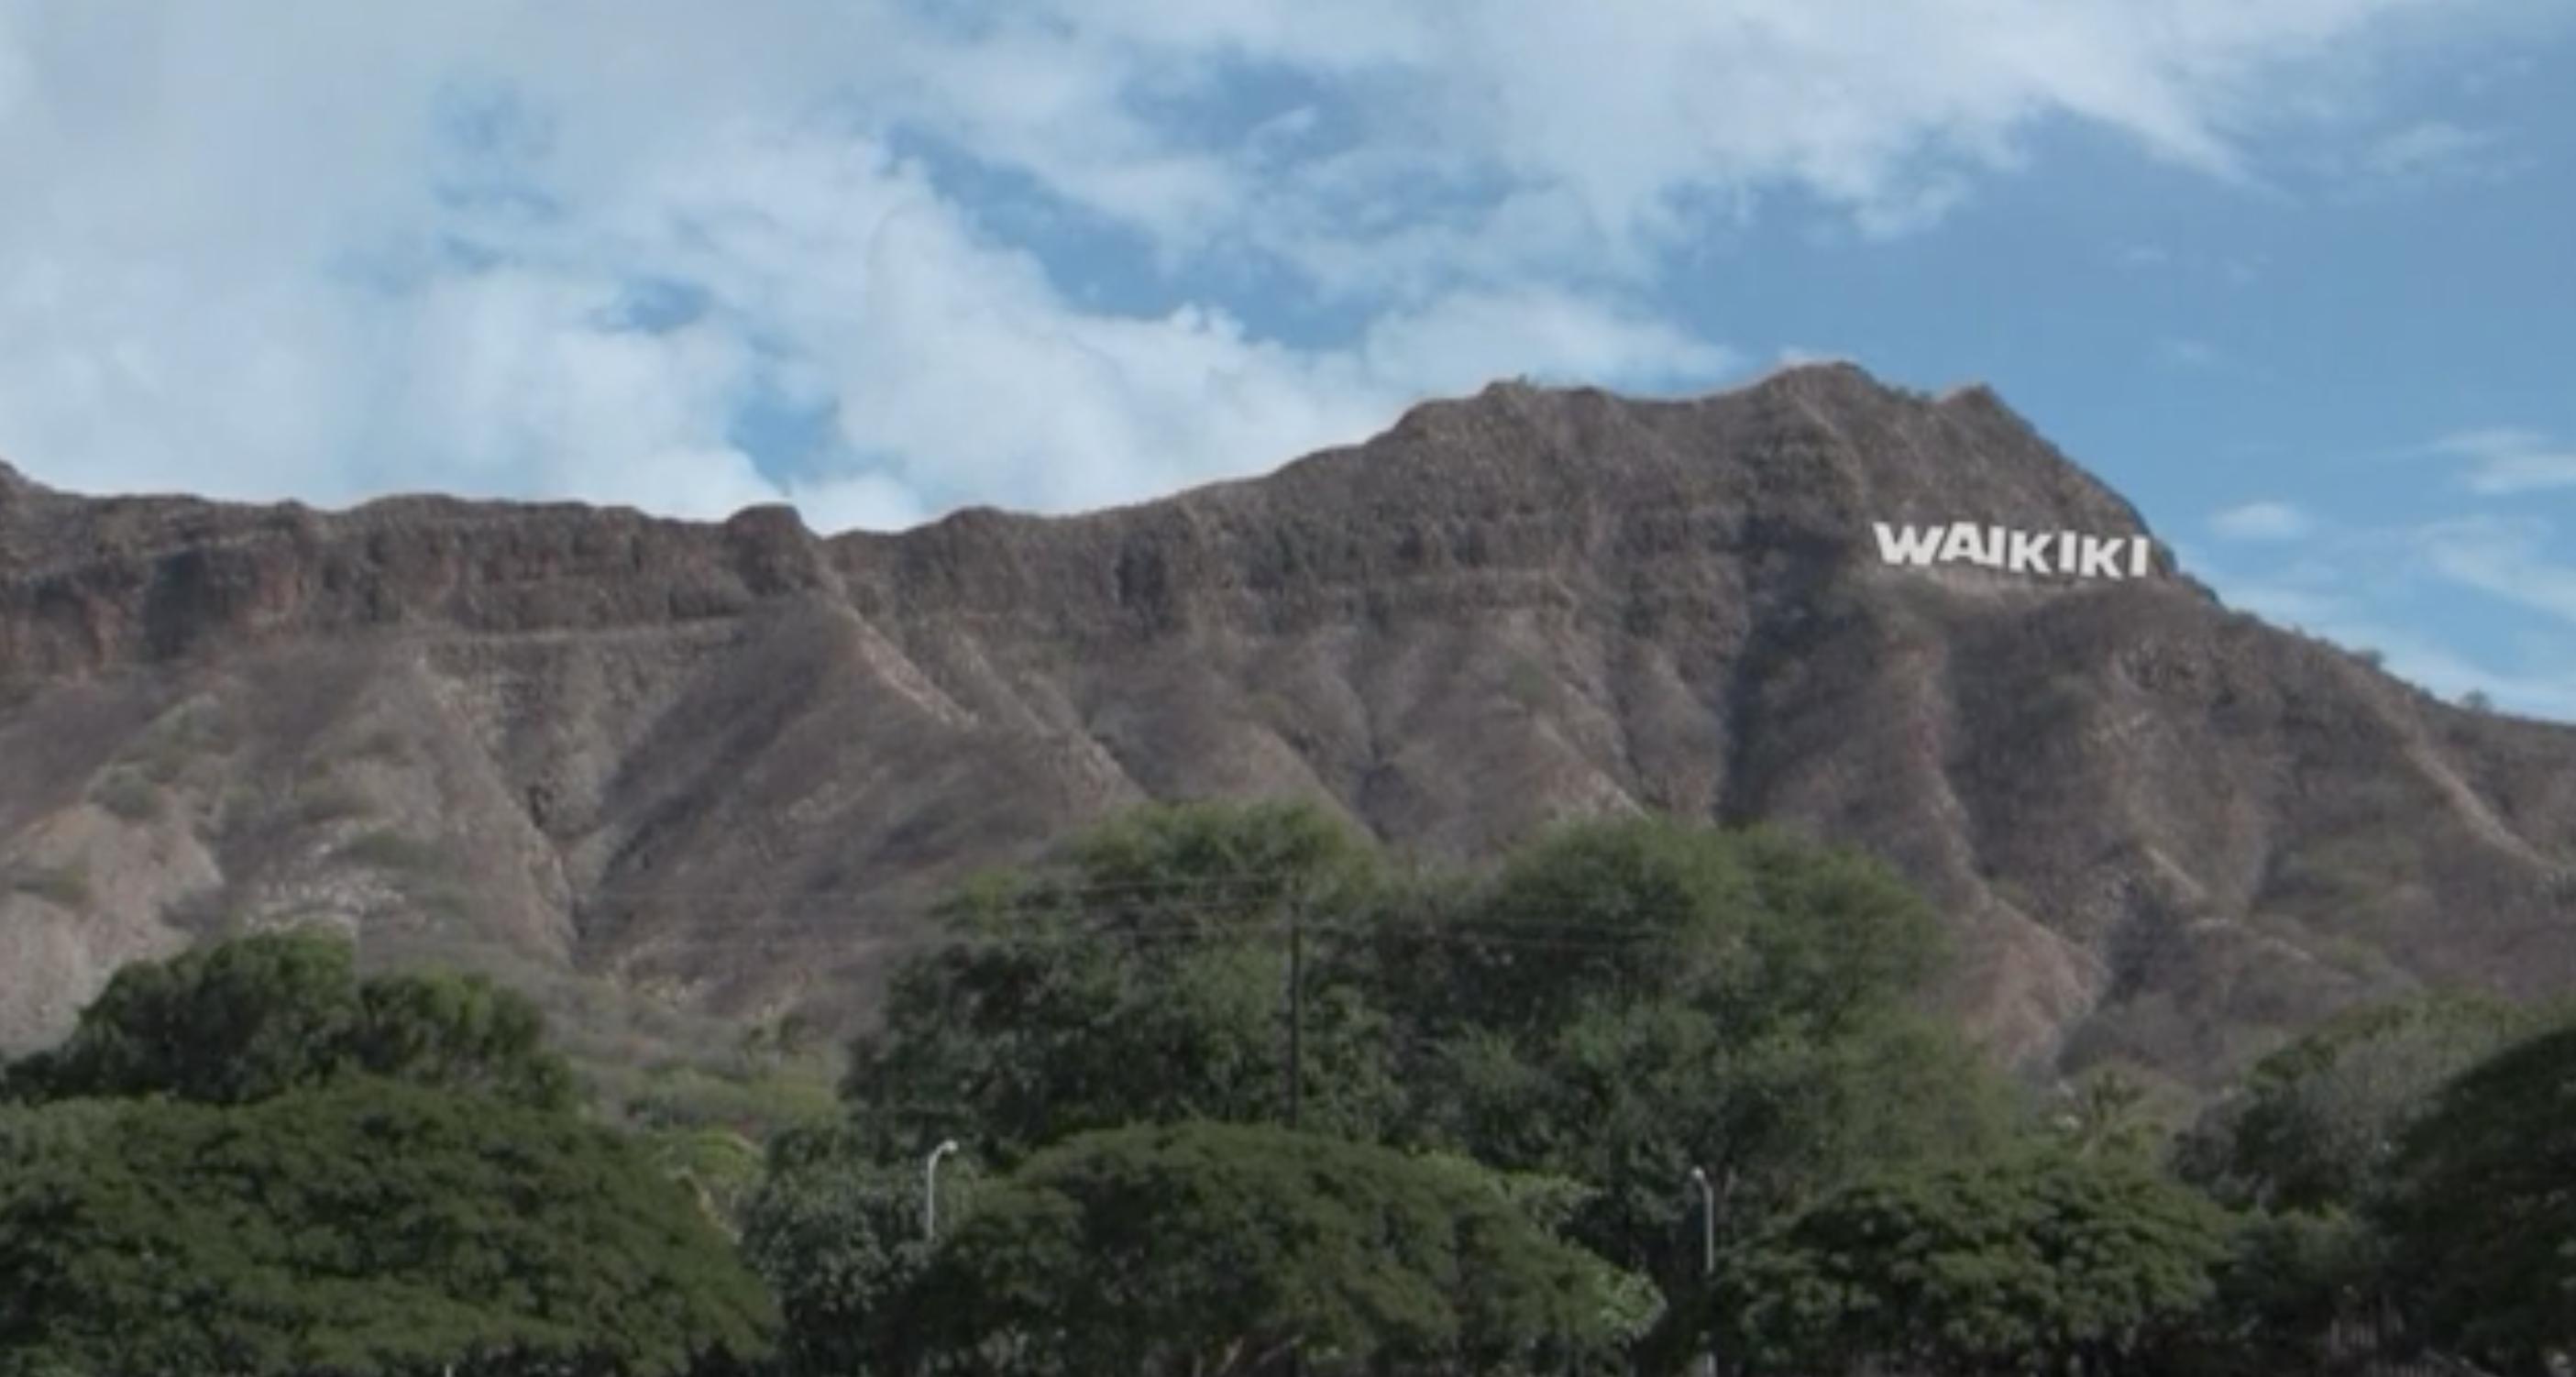 Waikiki Sign